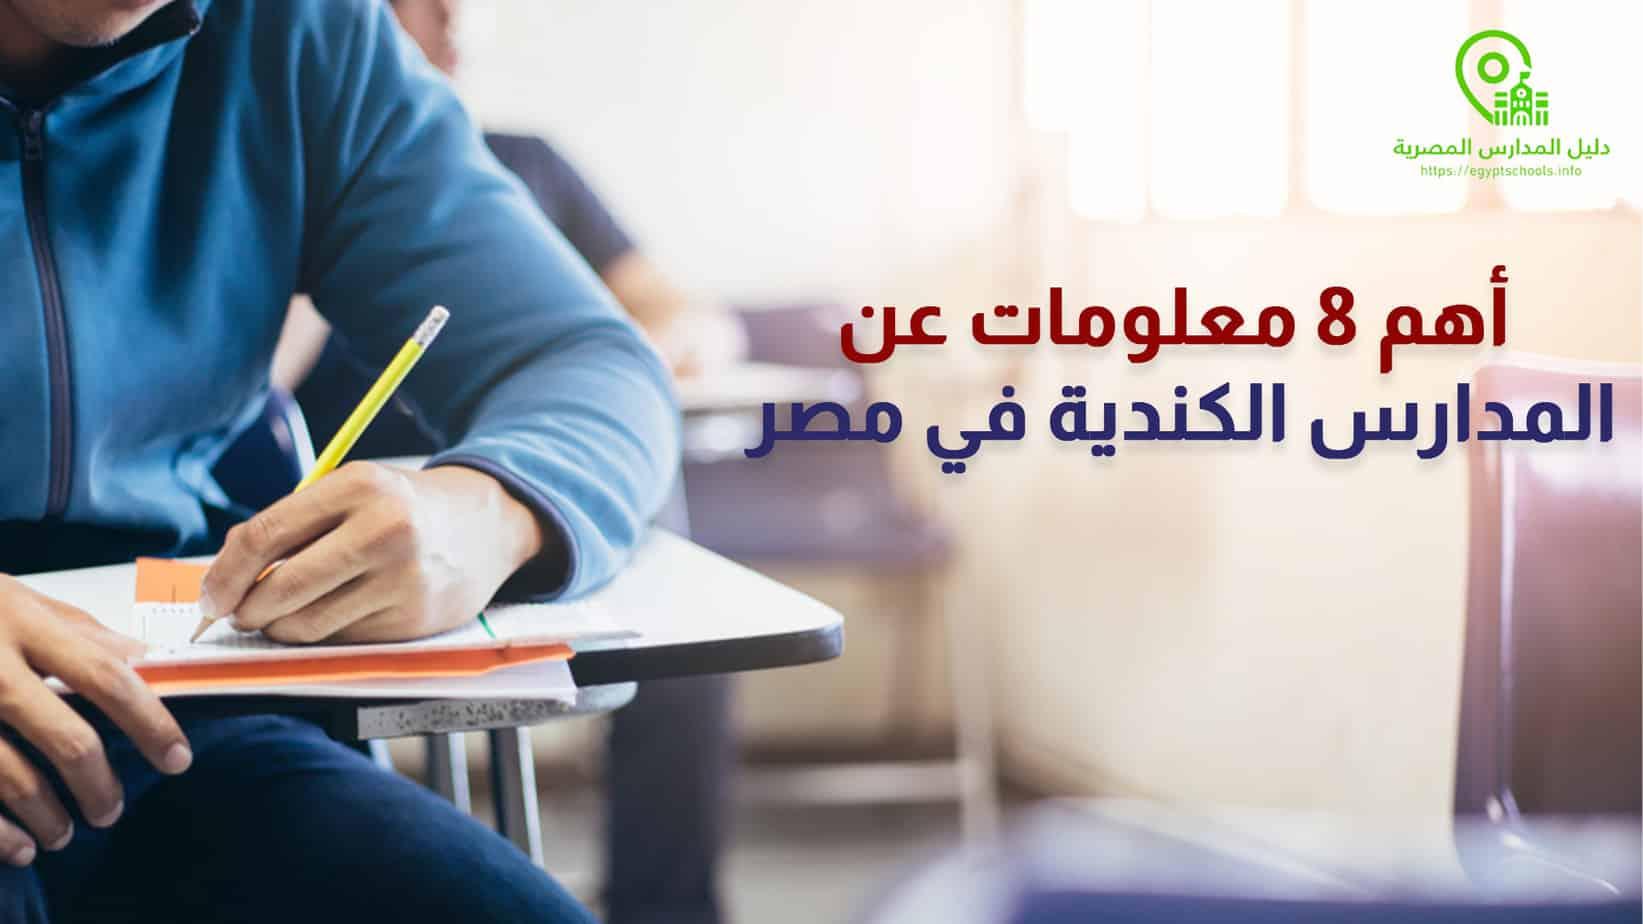 أهم 8 معلومات عن المدارس الكندية في مصر 2021 المزيد على موقع دليل المدارس المصرية: أهم 8 معلومات عن المدارس الكندية في مصر 2021